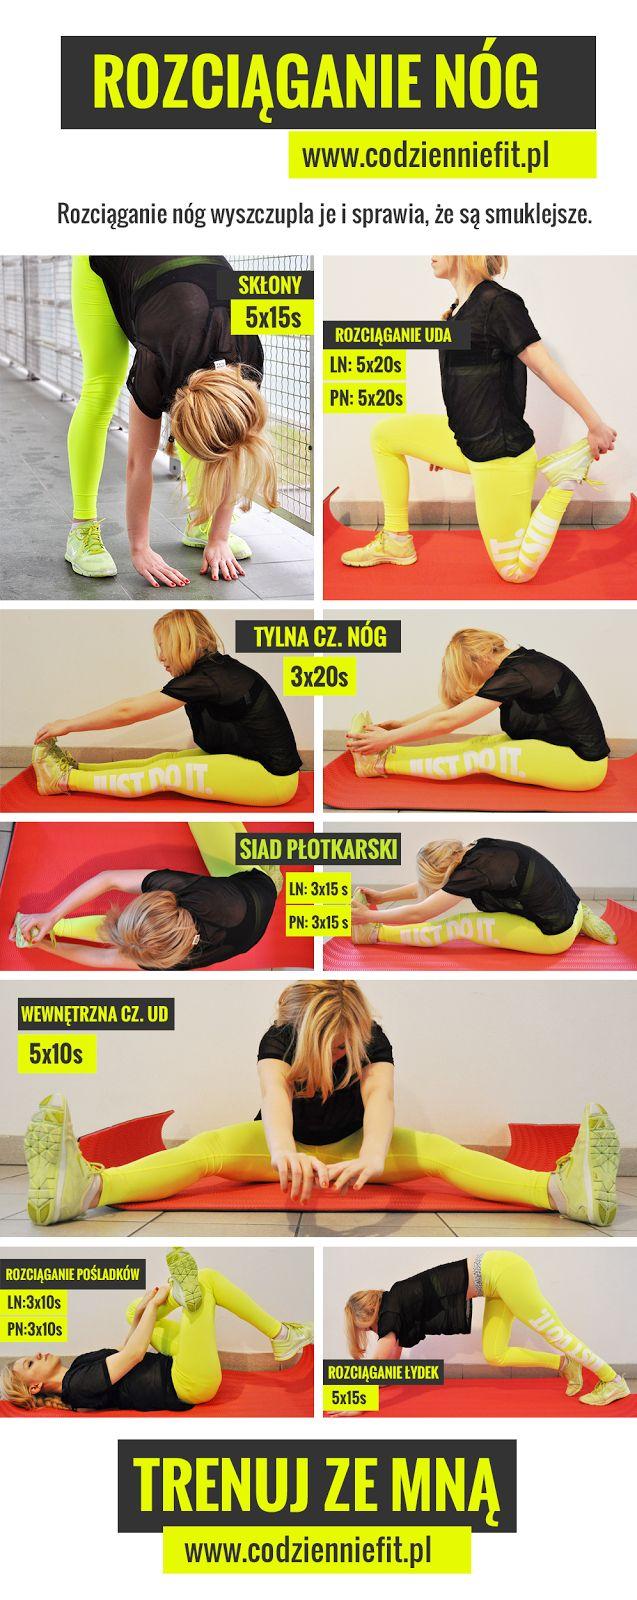 Rozciąganie nóg, ćwiczenia na rozciąganie